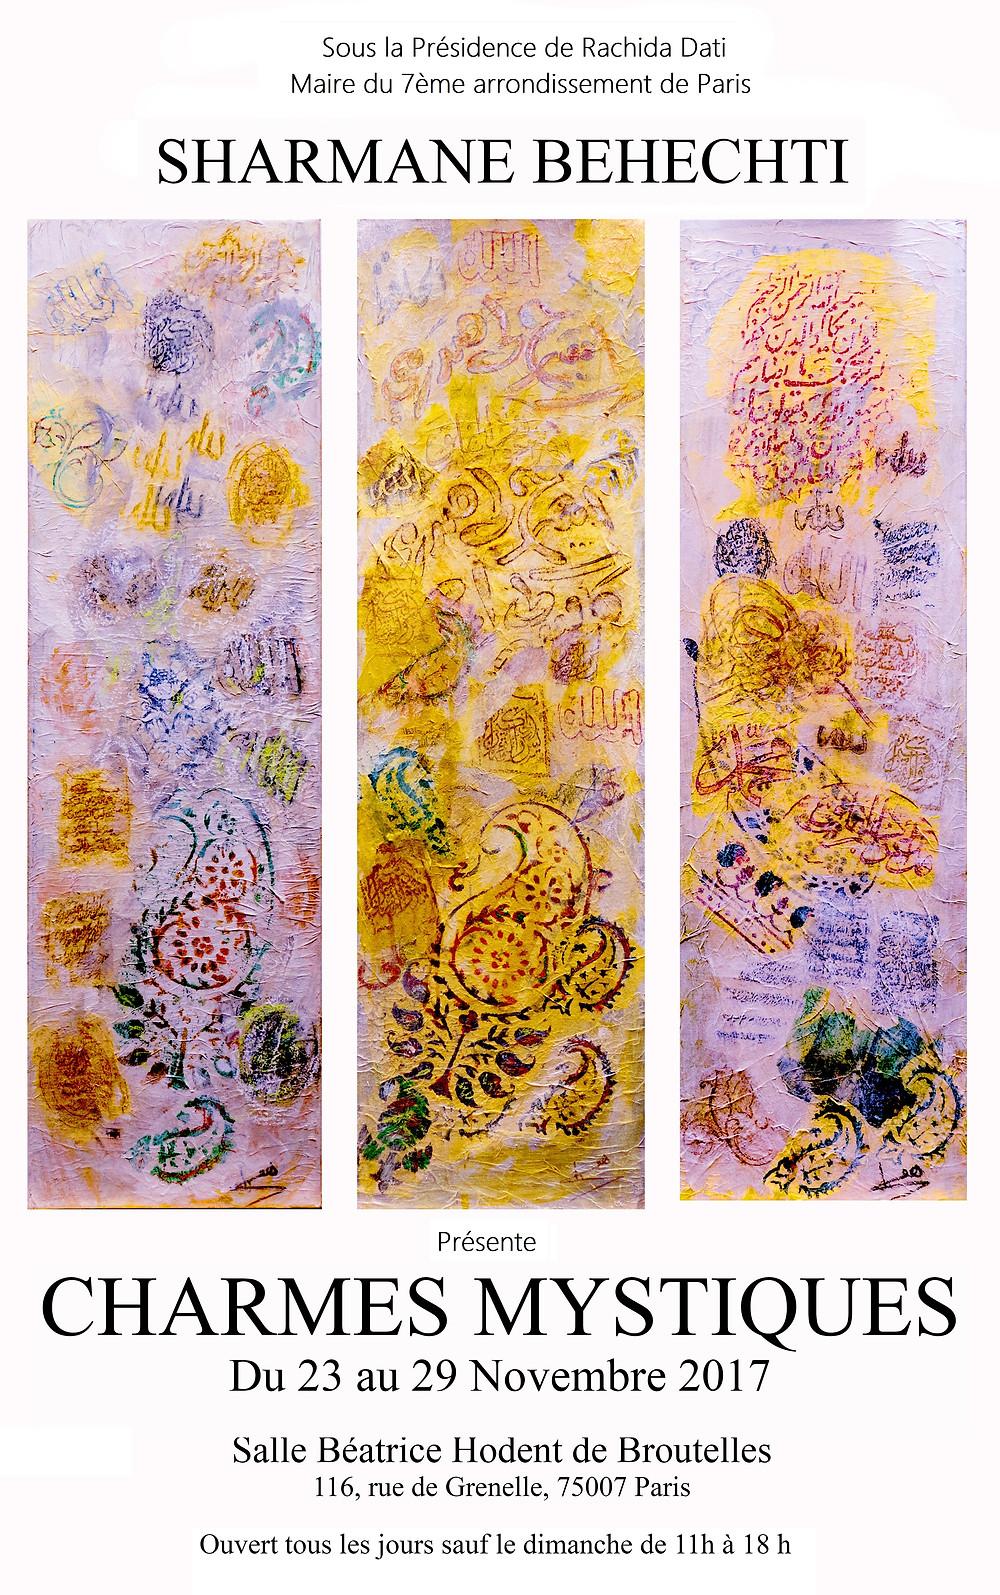 Charmes Mystiques